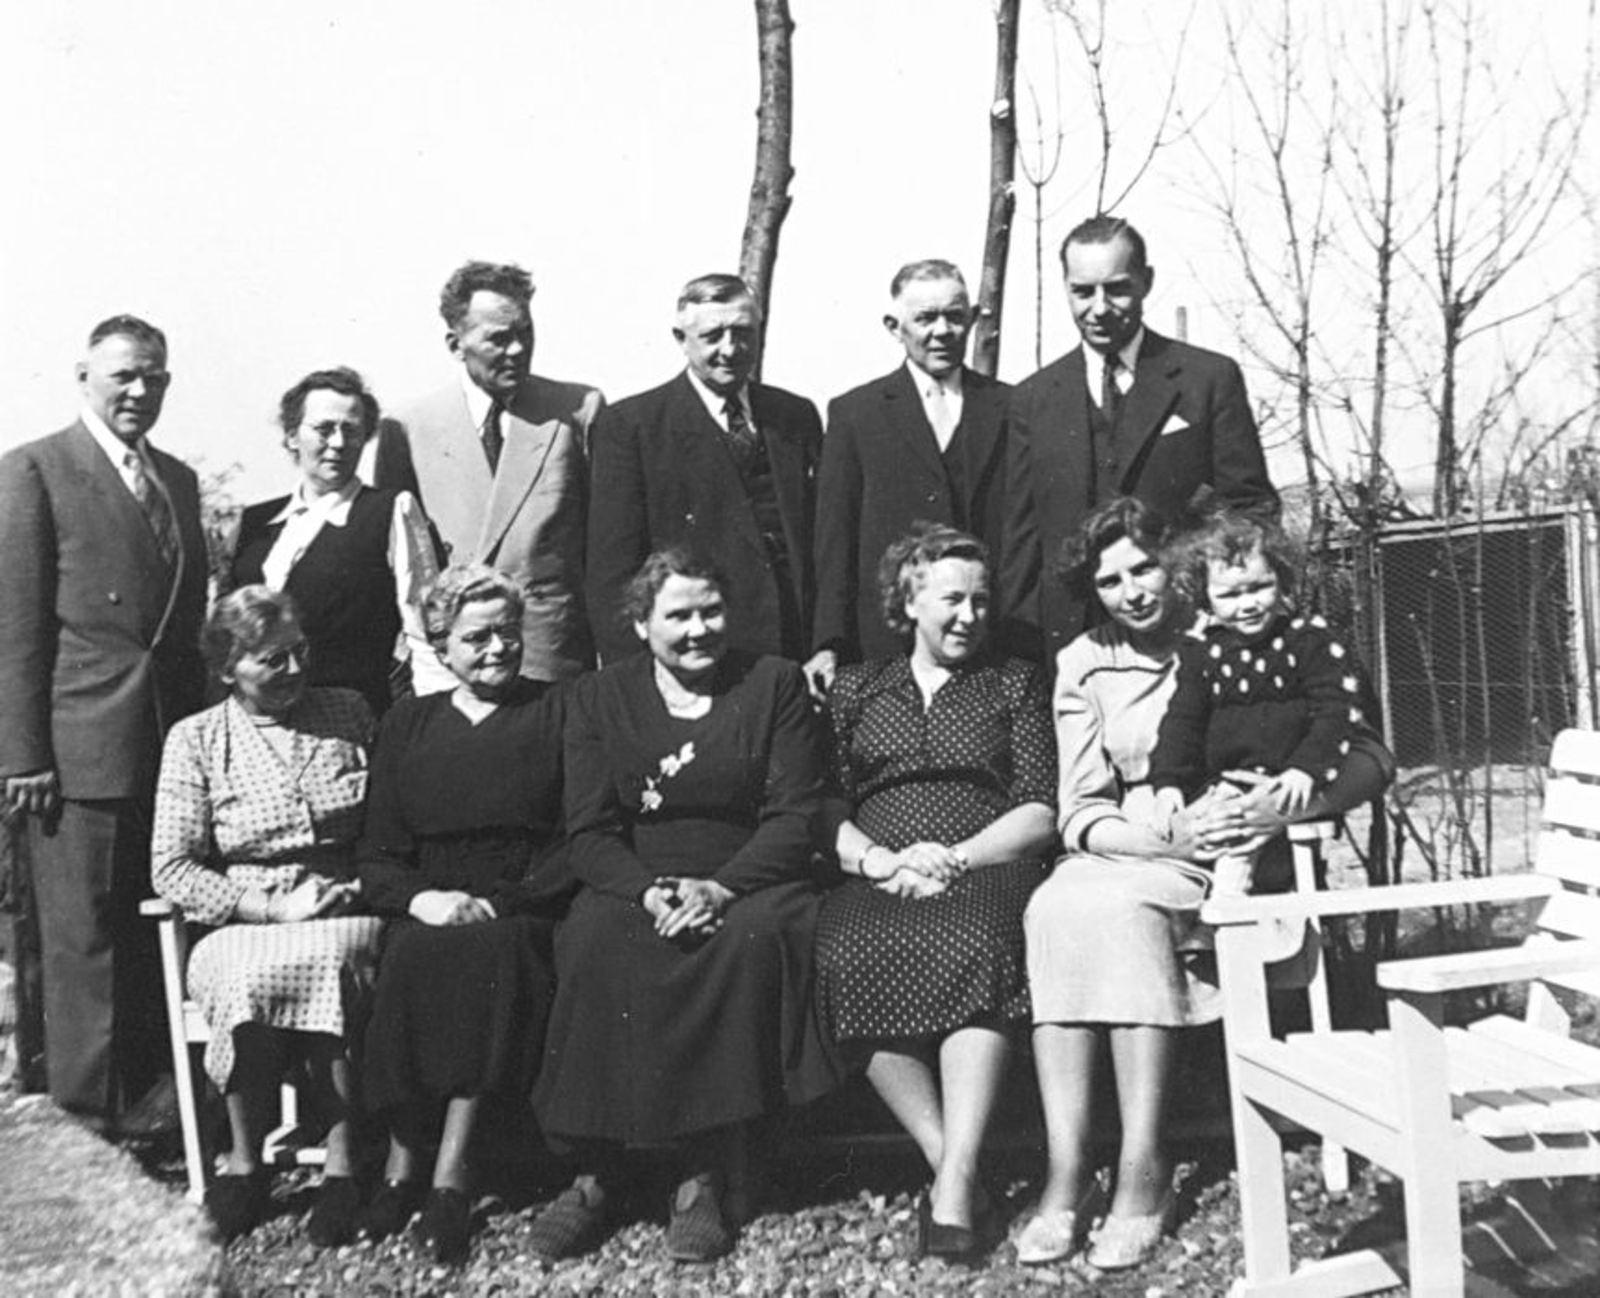 Millenaar-Stout Annie 1898 1950± met Familie op Erf 01